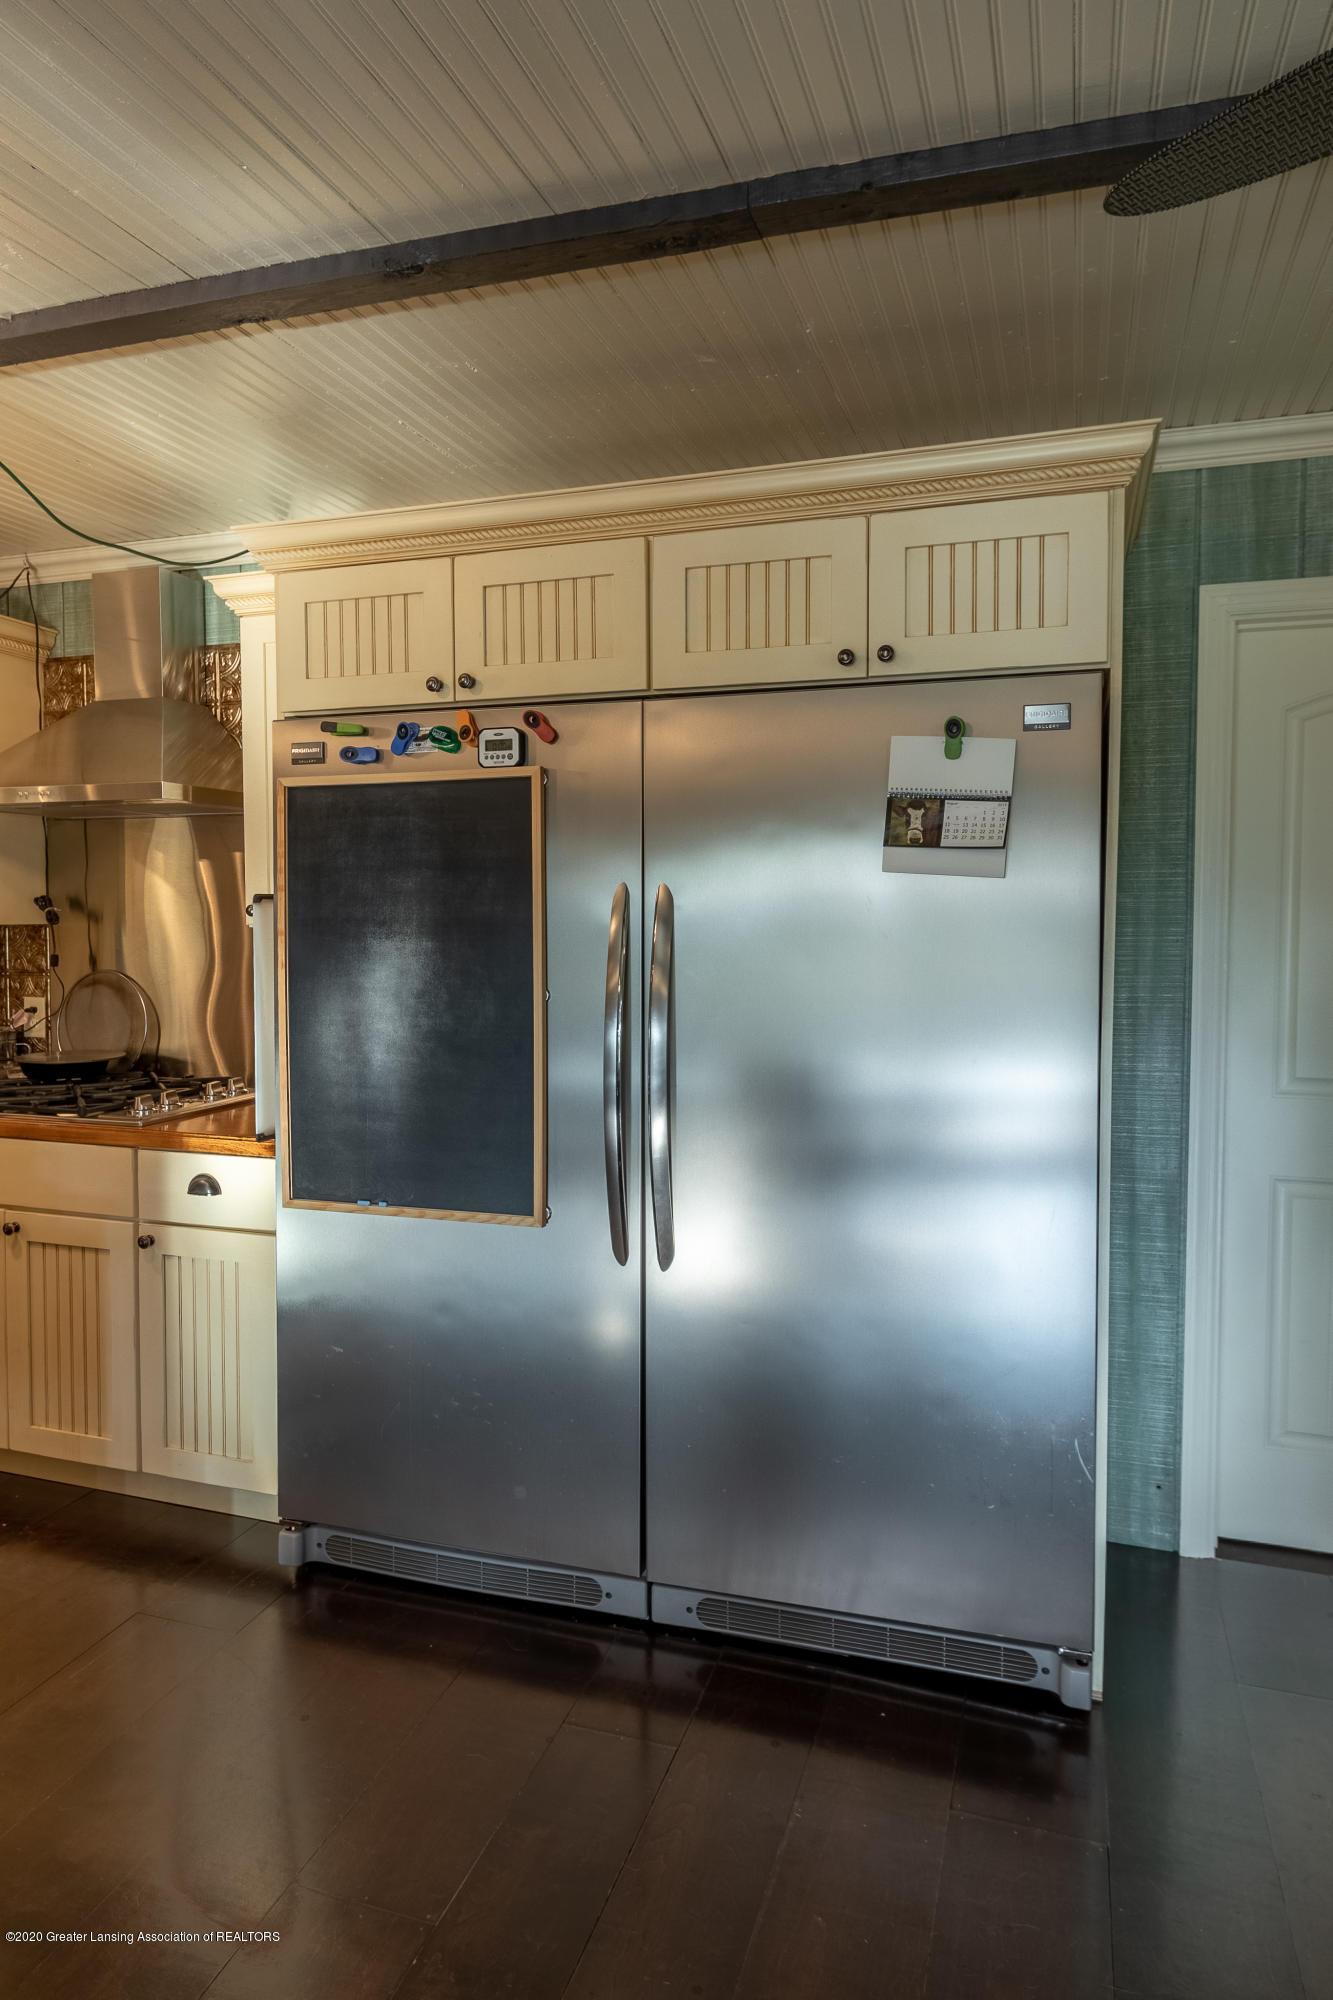 9648 W Wilbur Hwy - Refrigerator - 45